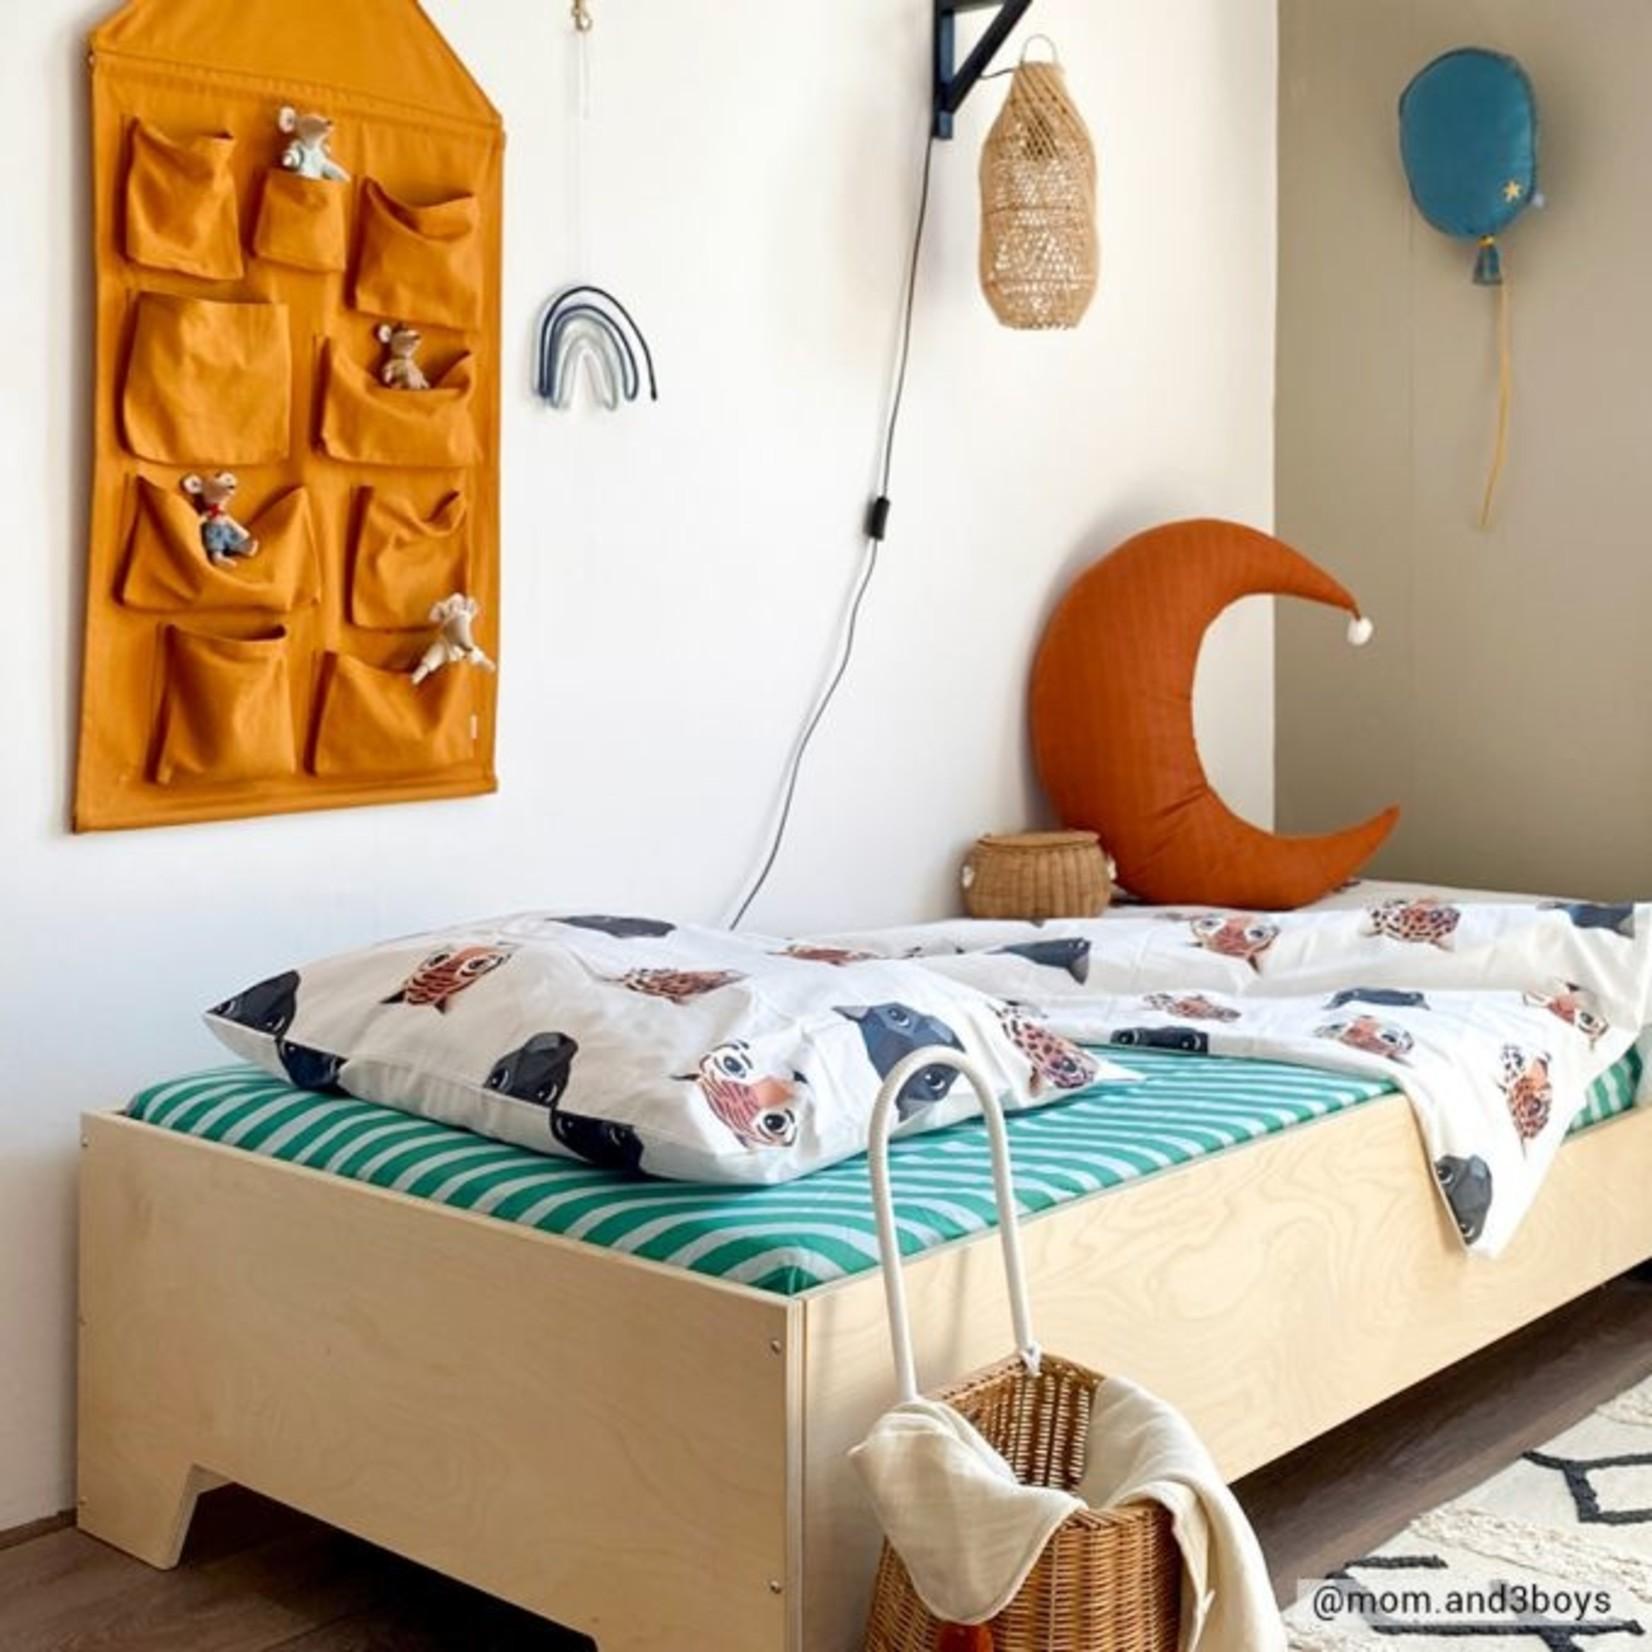 Studio Ditte Studio Ditte Hoeslaken 1-persoons Strepen groen en lichtblauw